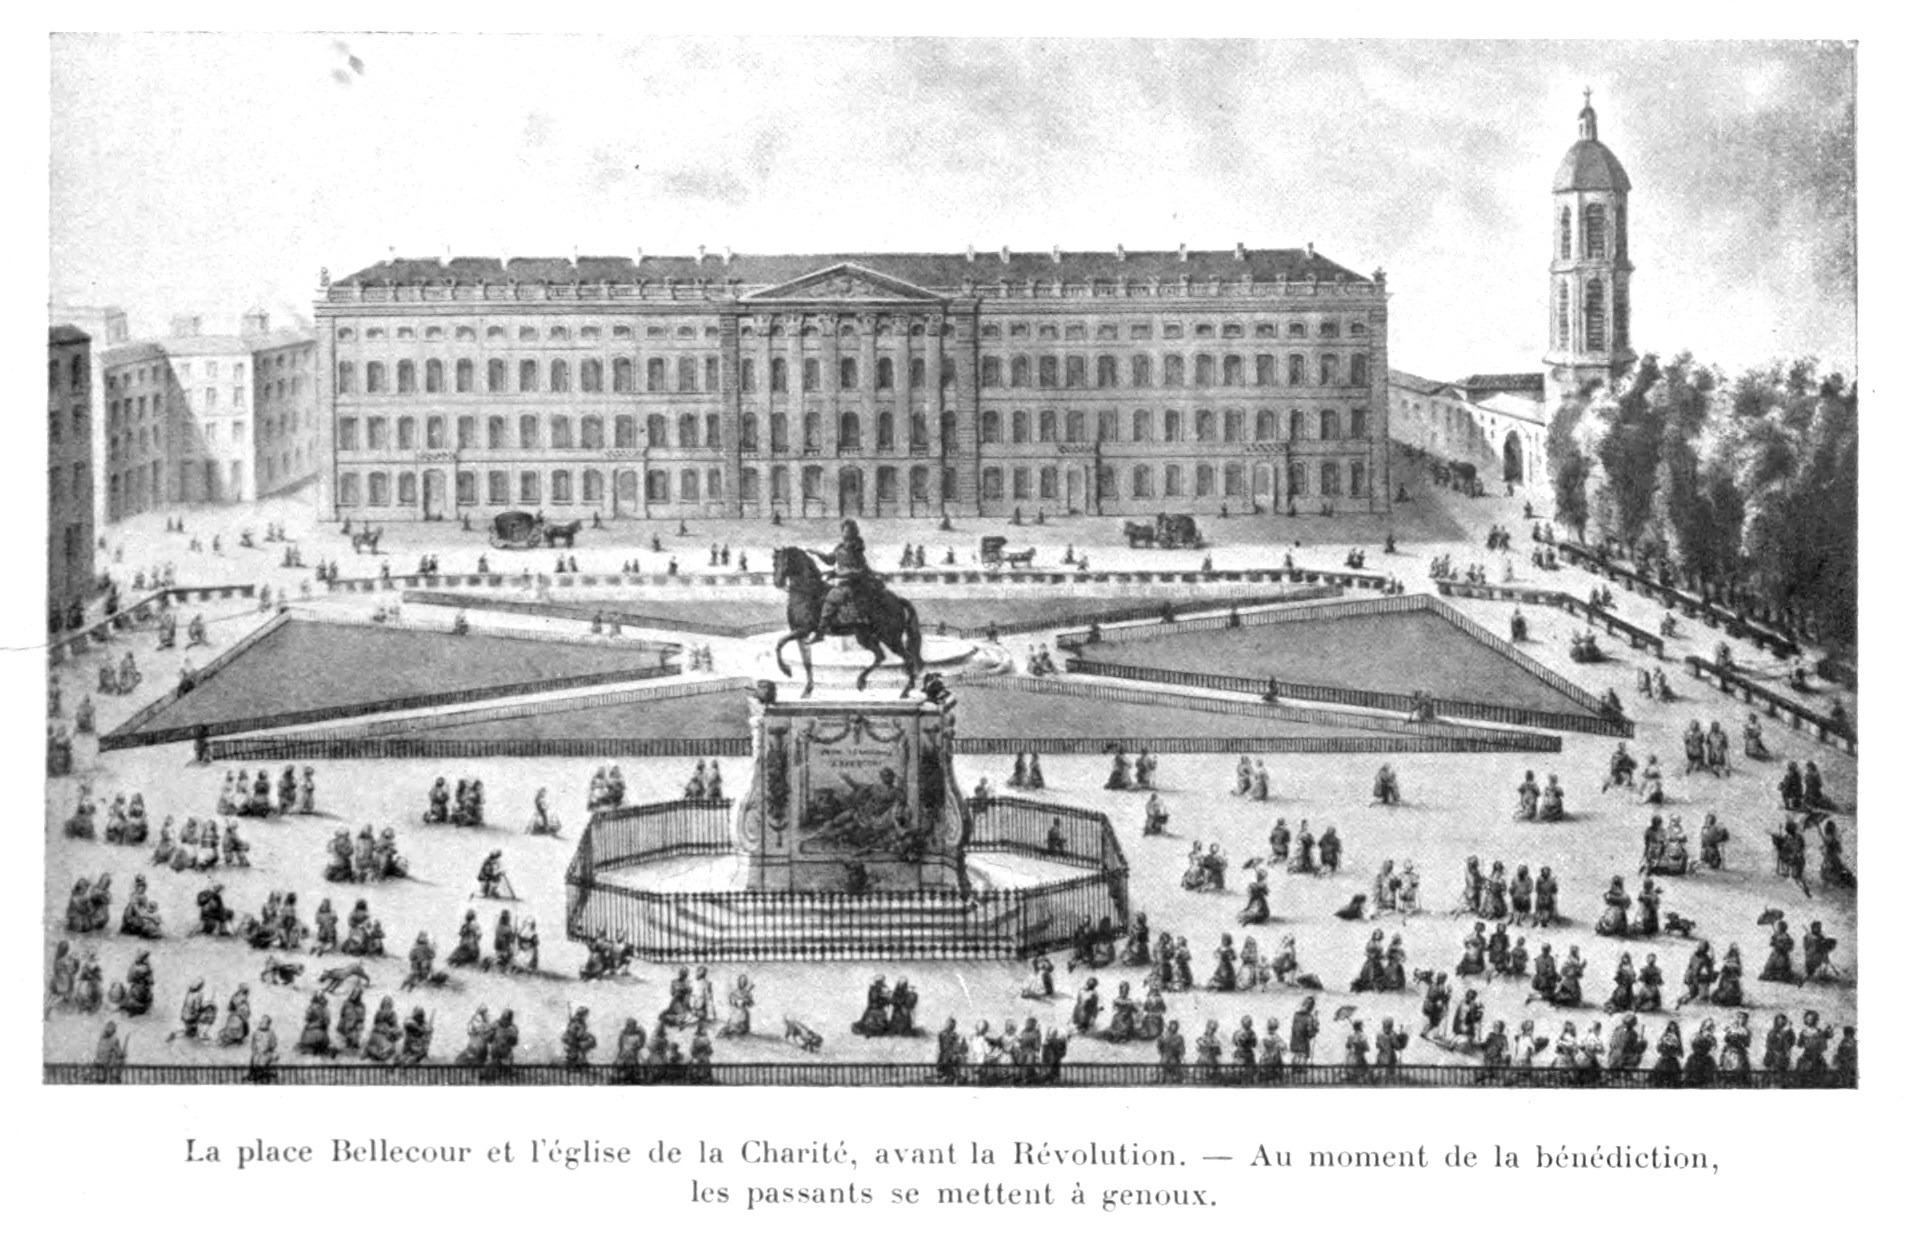 Place Bellecour avant la révolution, les passants se mettent à genoux au moment de la bénédiction.